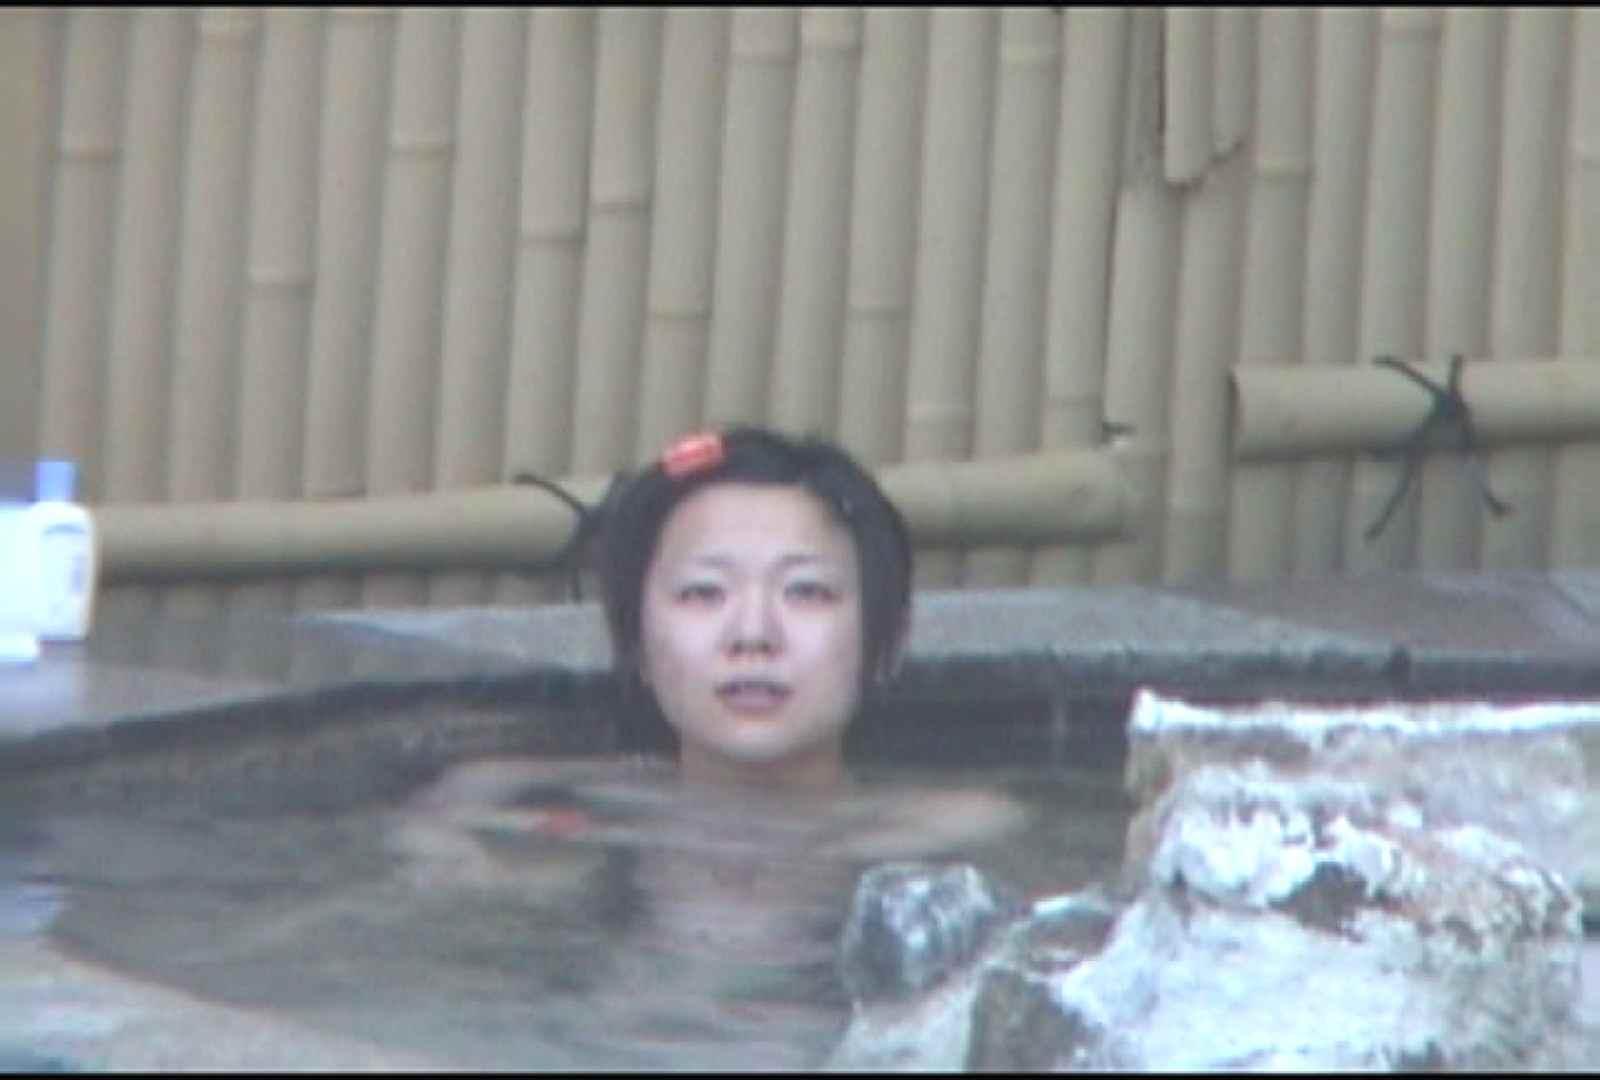 Aquaな露天風呂Vol.175 盗撮 オメコ動画キャプチャ 99枚 2